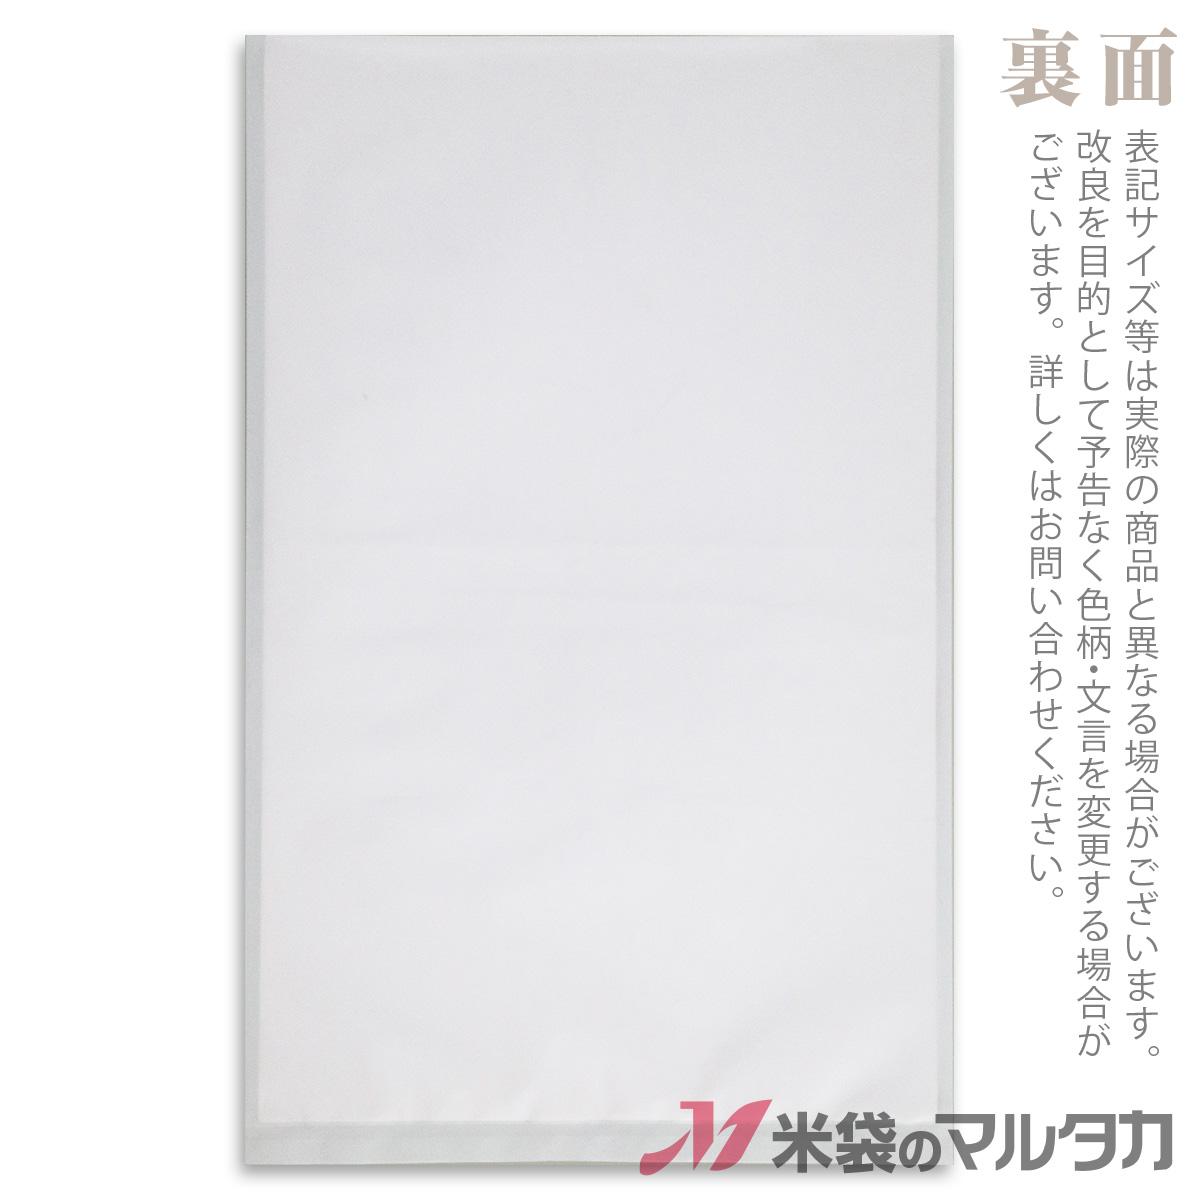 米袋 バイオマスポリ マイクロドット 新潟産こしひかり 慶福 5kg用 1ケース(500枚入) PE-1101